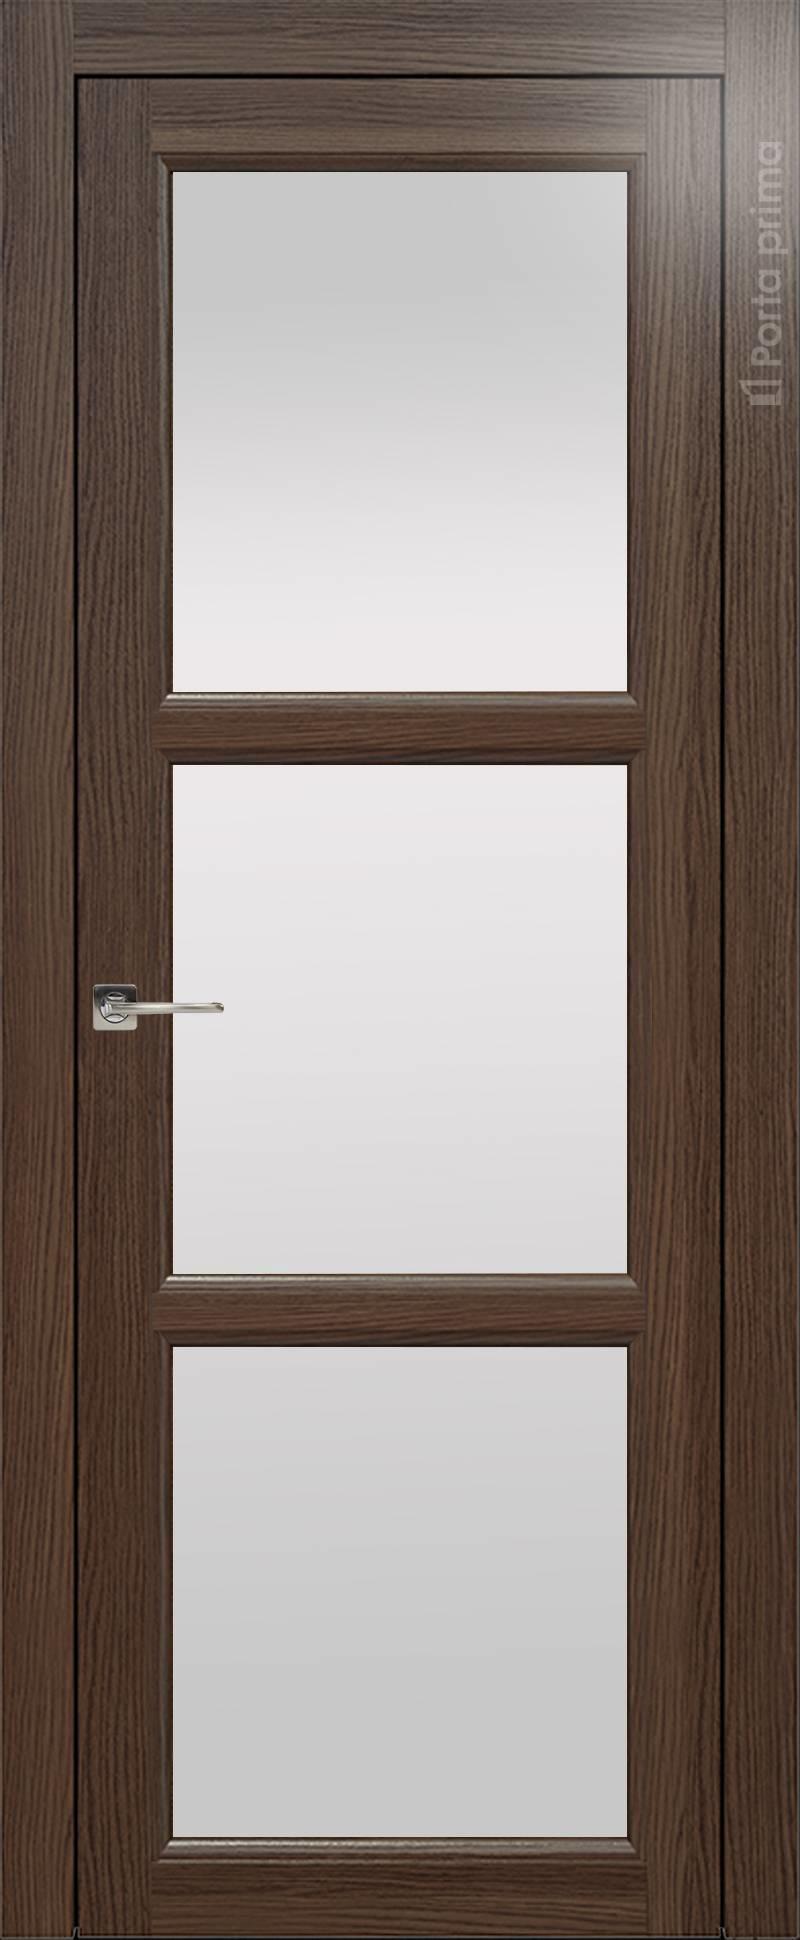 Sorrento-R В2 цвет - Дуб торонто Со стеклом (ДО)